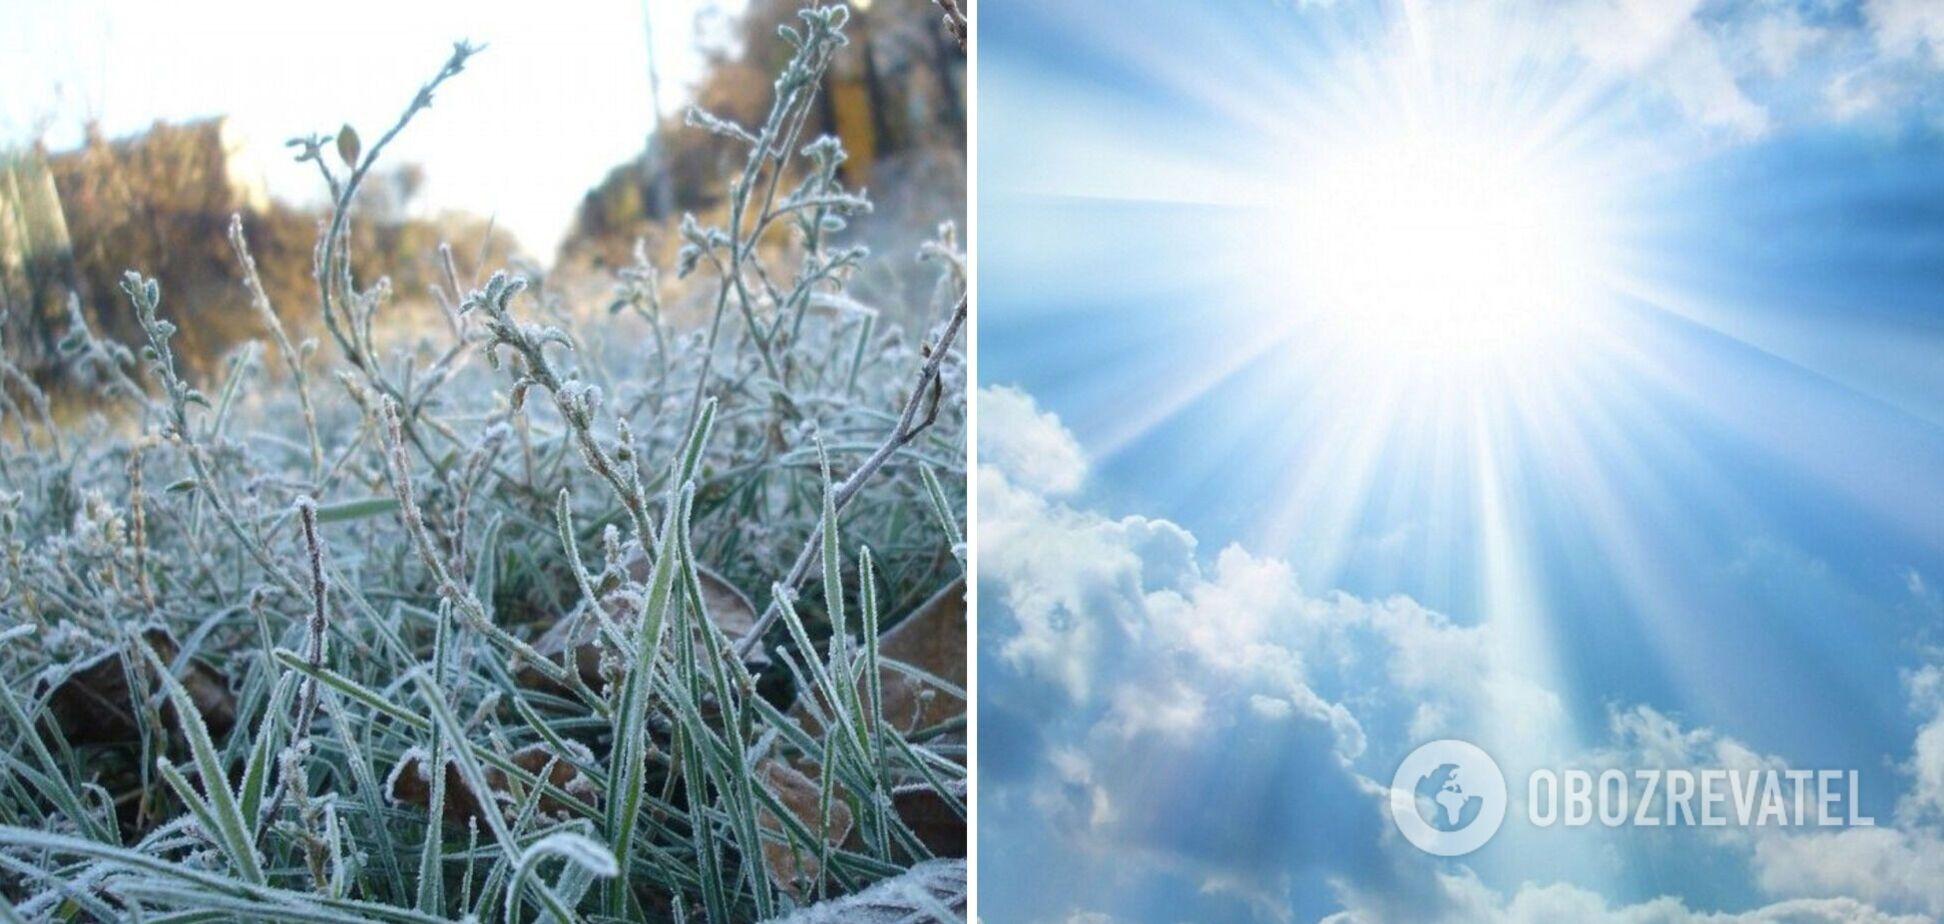 Днем потеплеет, а ночью ударят заморозки: появился новый прогноз погоды на четверг. Карта